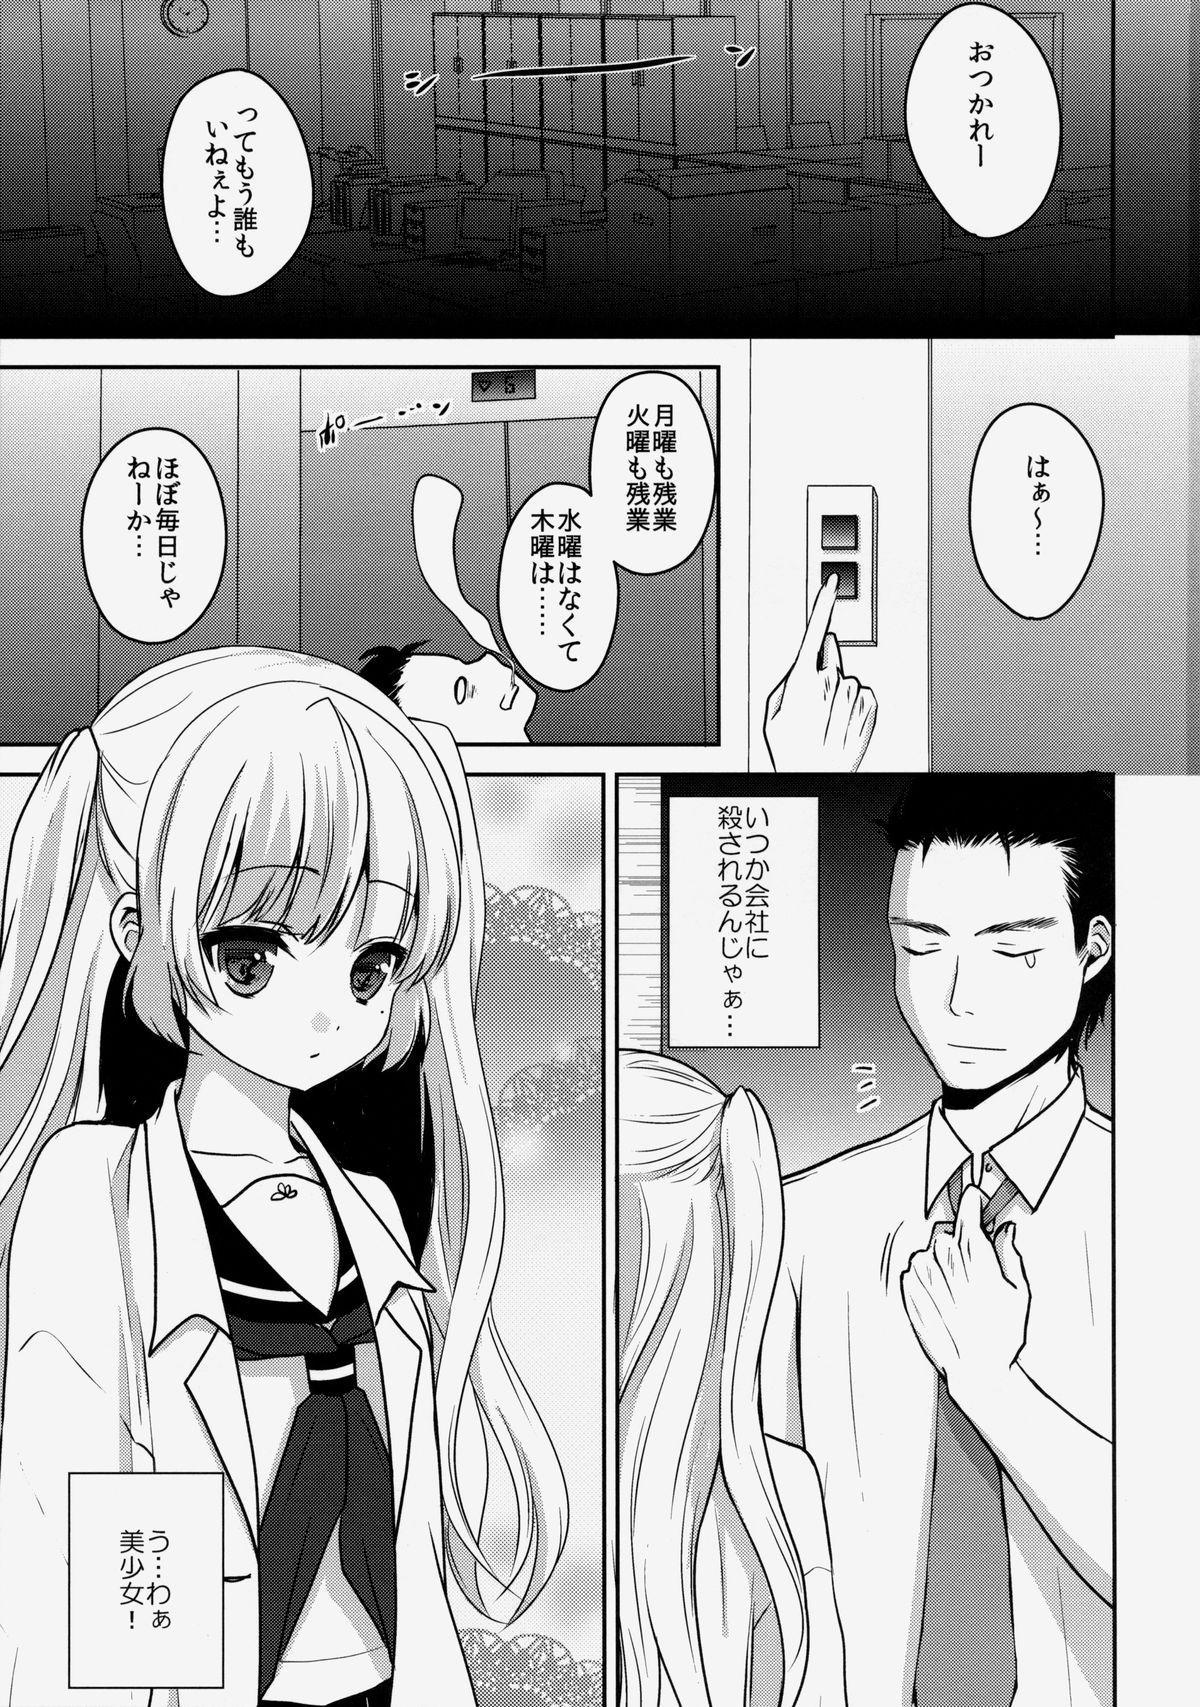 Misshitsu To Syoujyo To Amai Okusuri 1